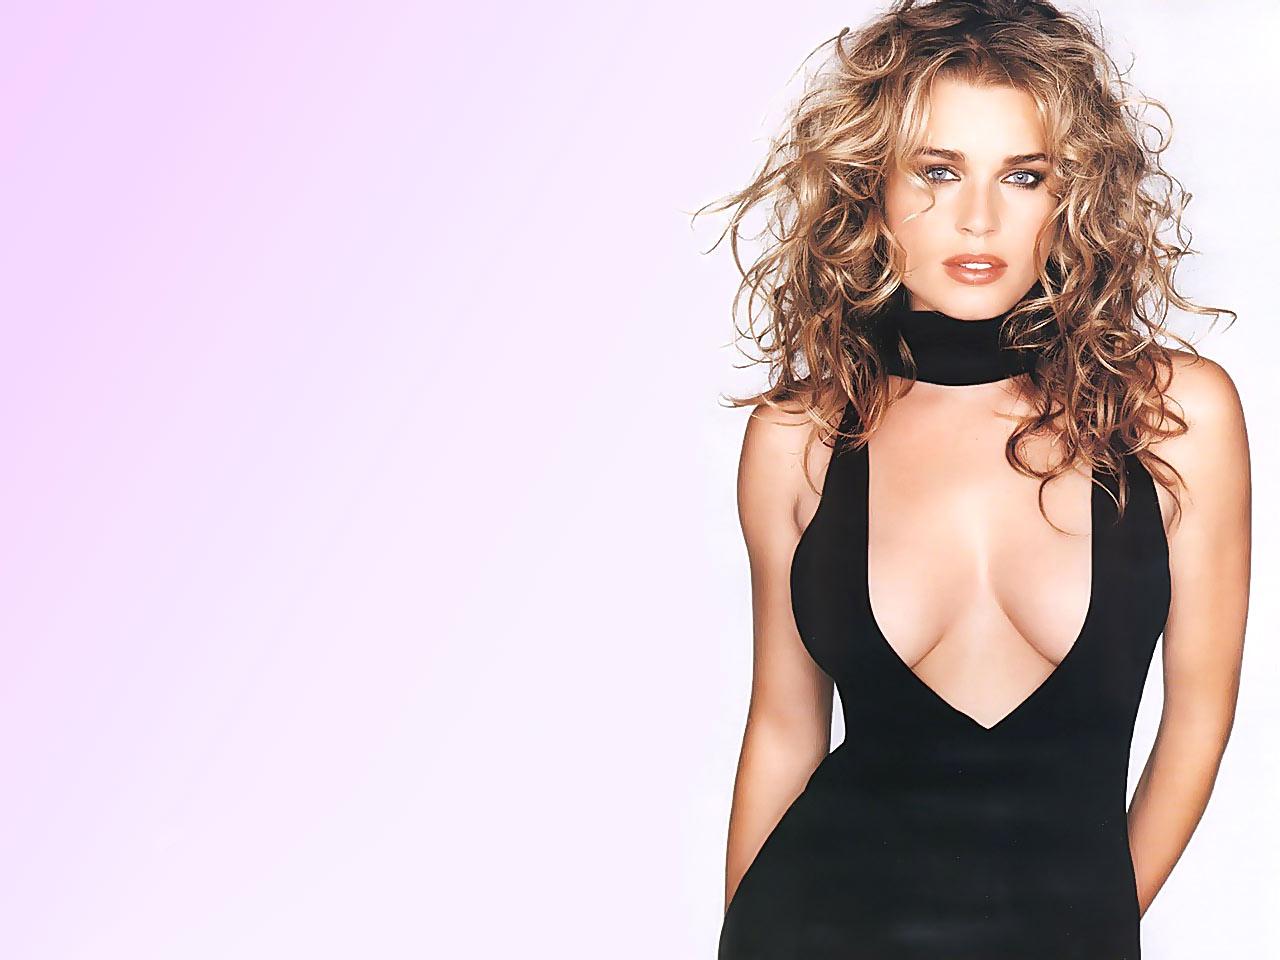 Rebecca Romijn - Images